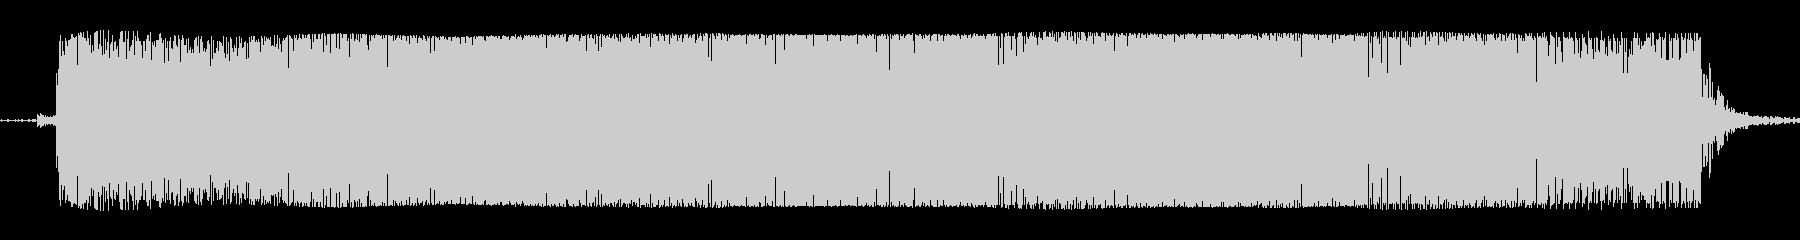 ギターメタルパワーコードqの未再生の波形